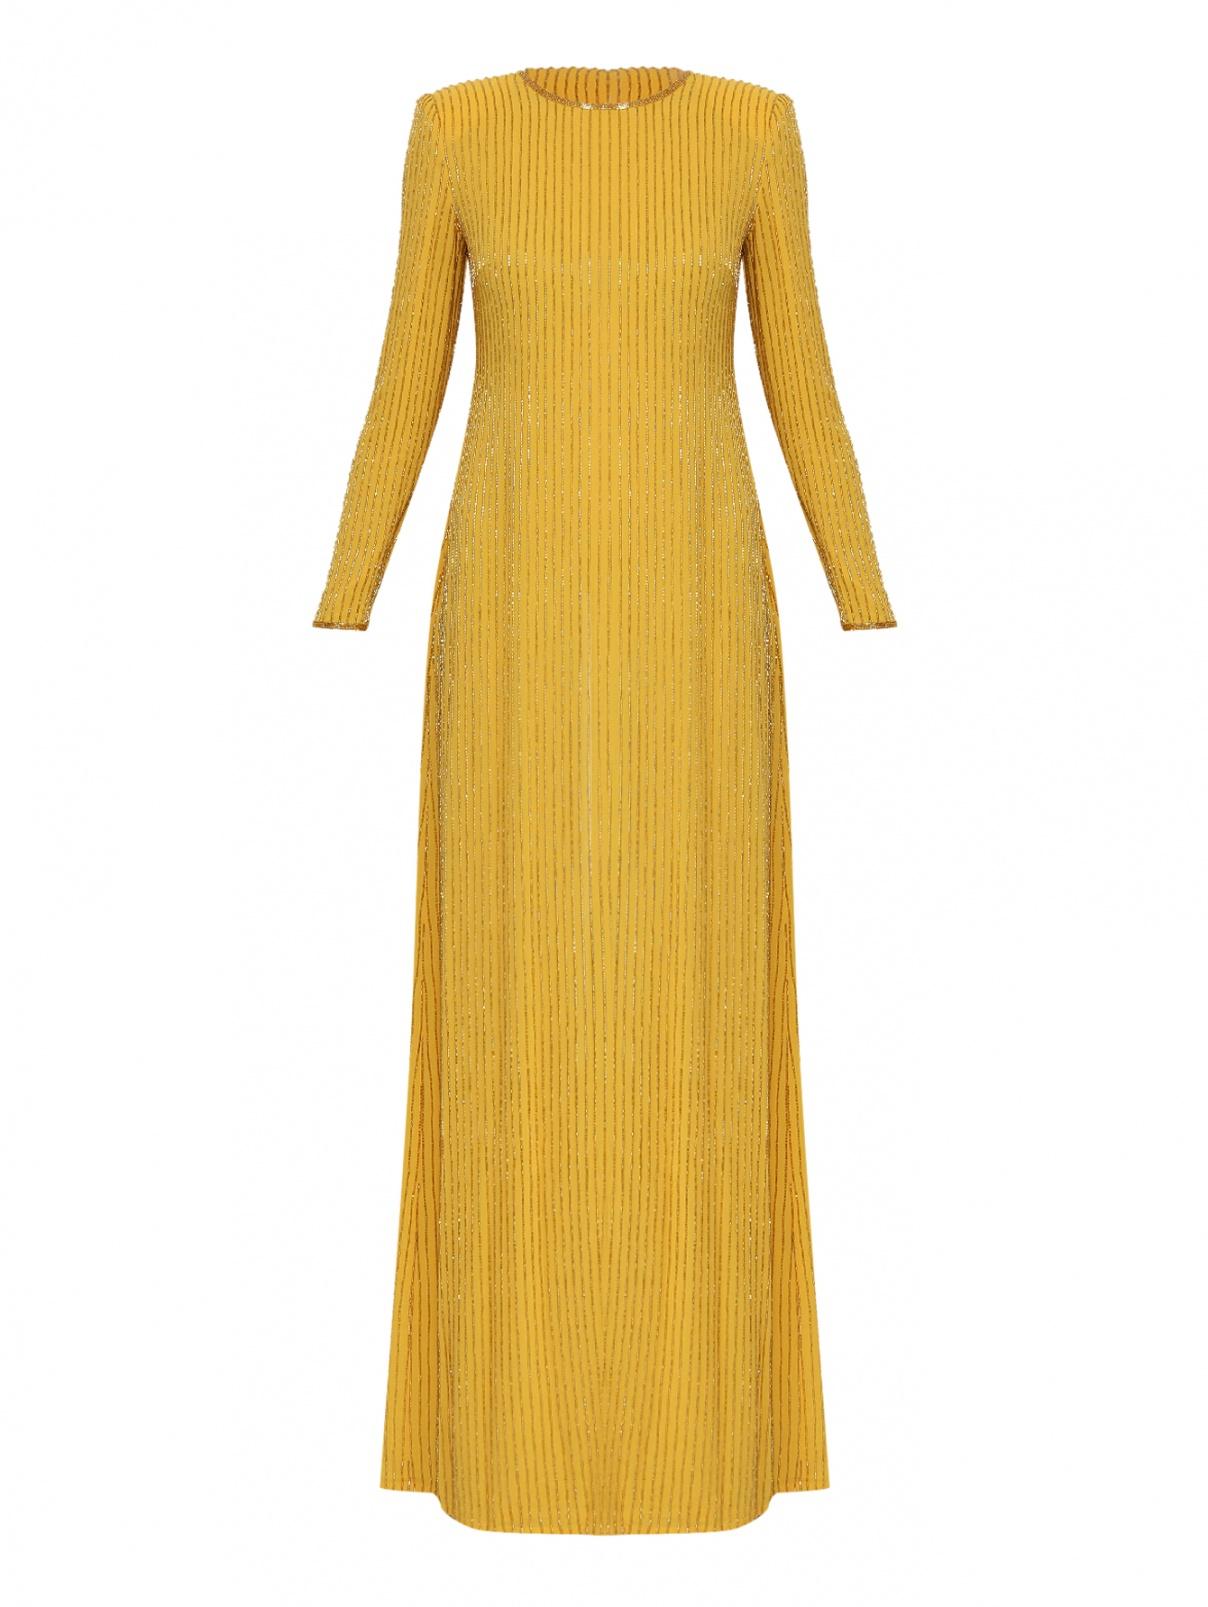 Платье-макси прямого кроя с вышивкой бисером Elisabetta Franchi  –  Общий вид